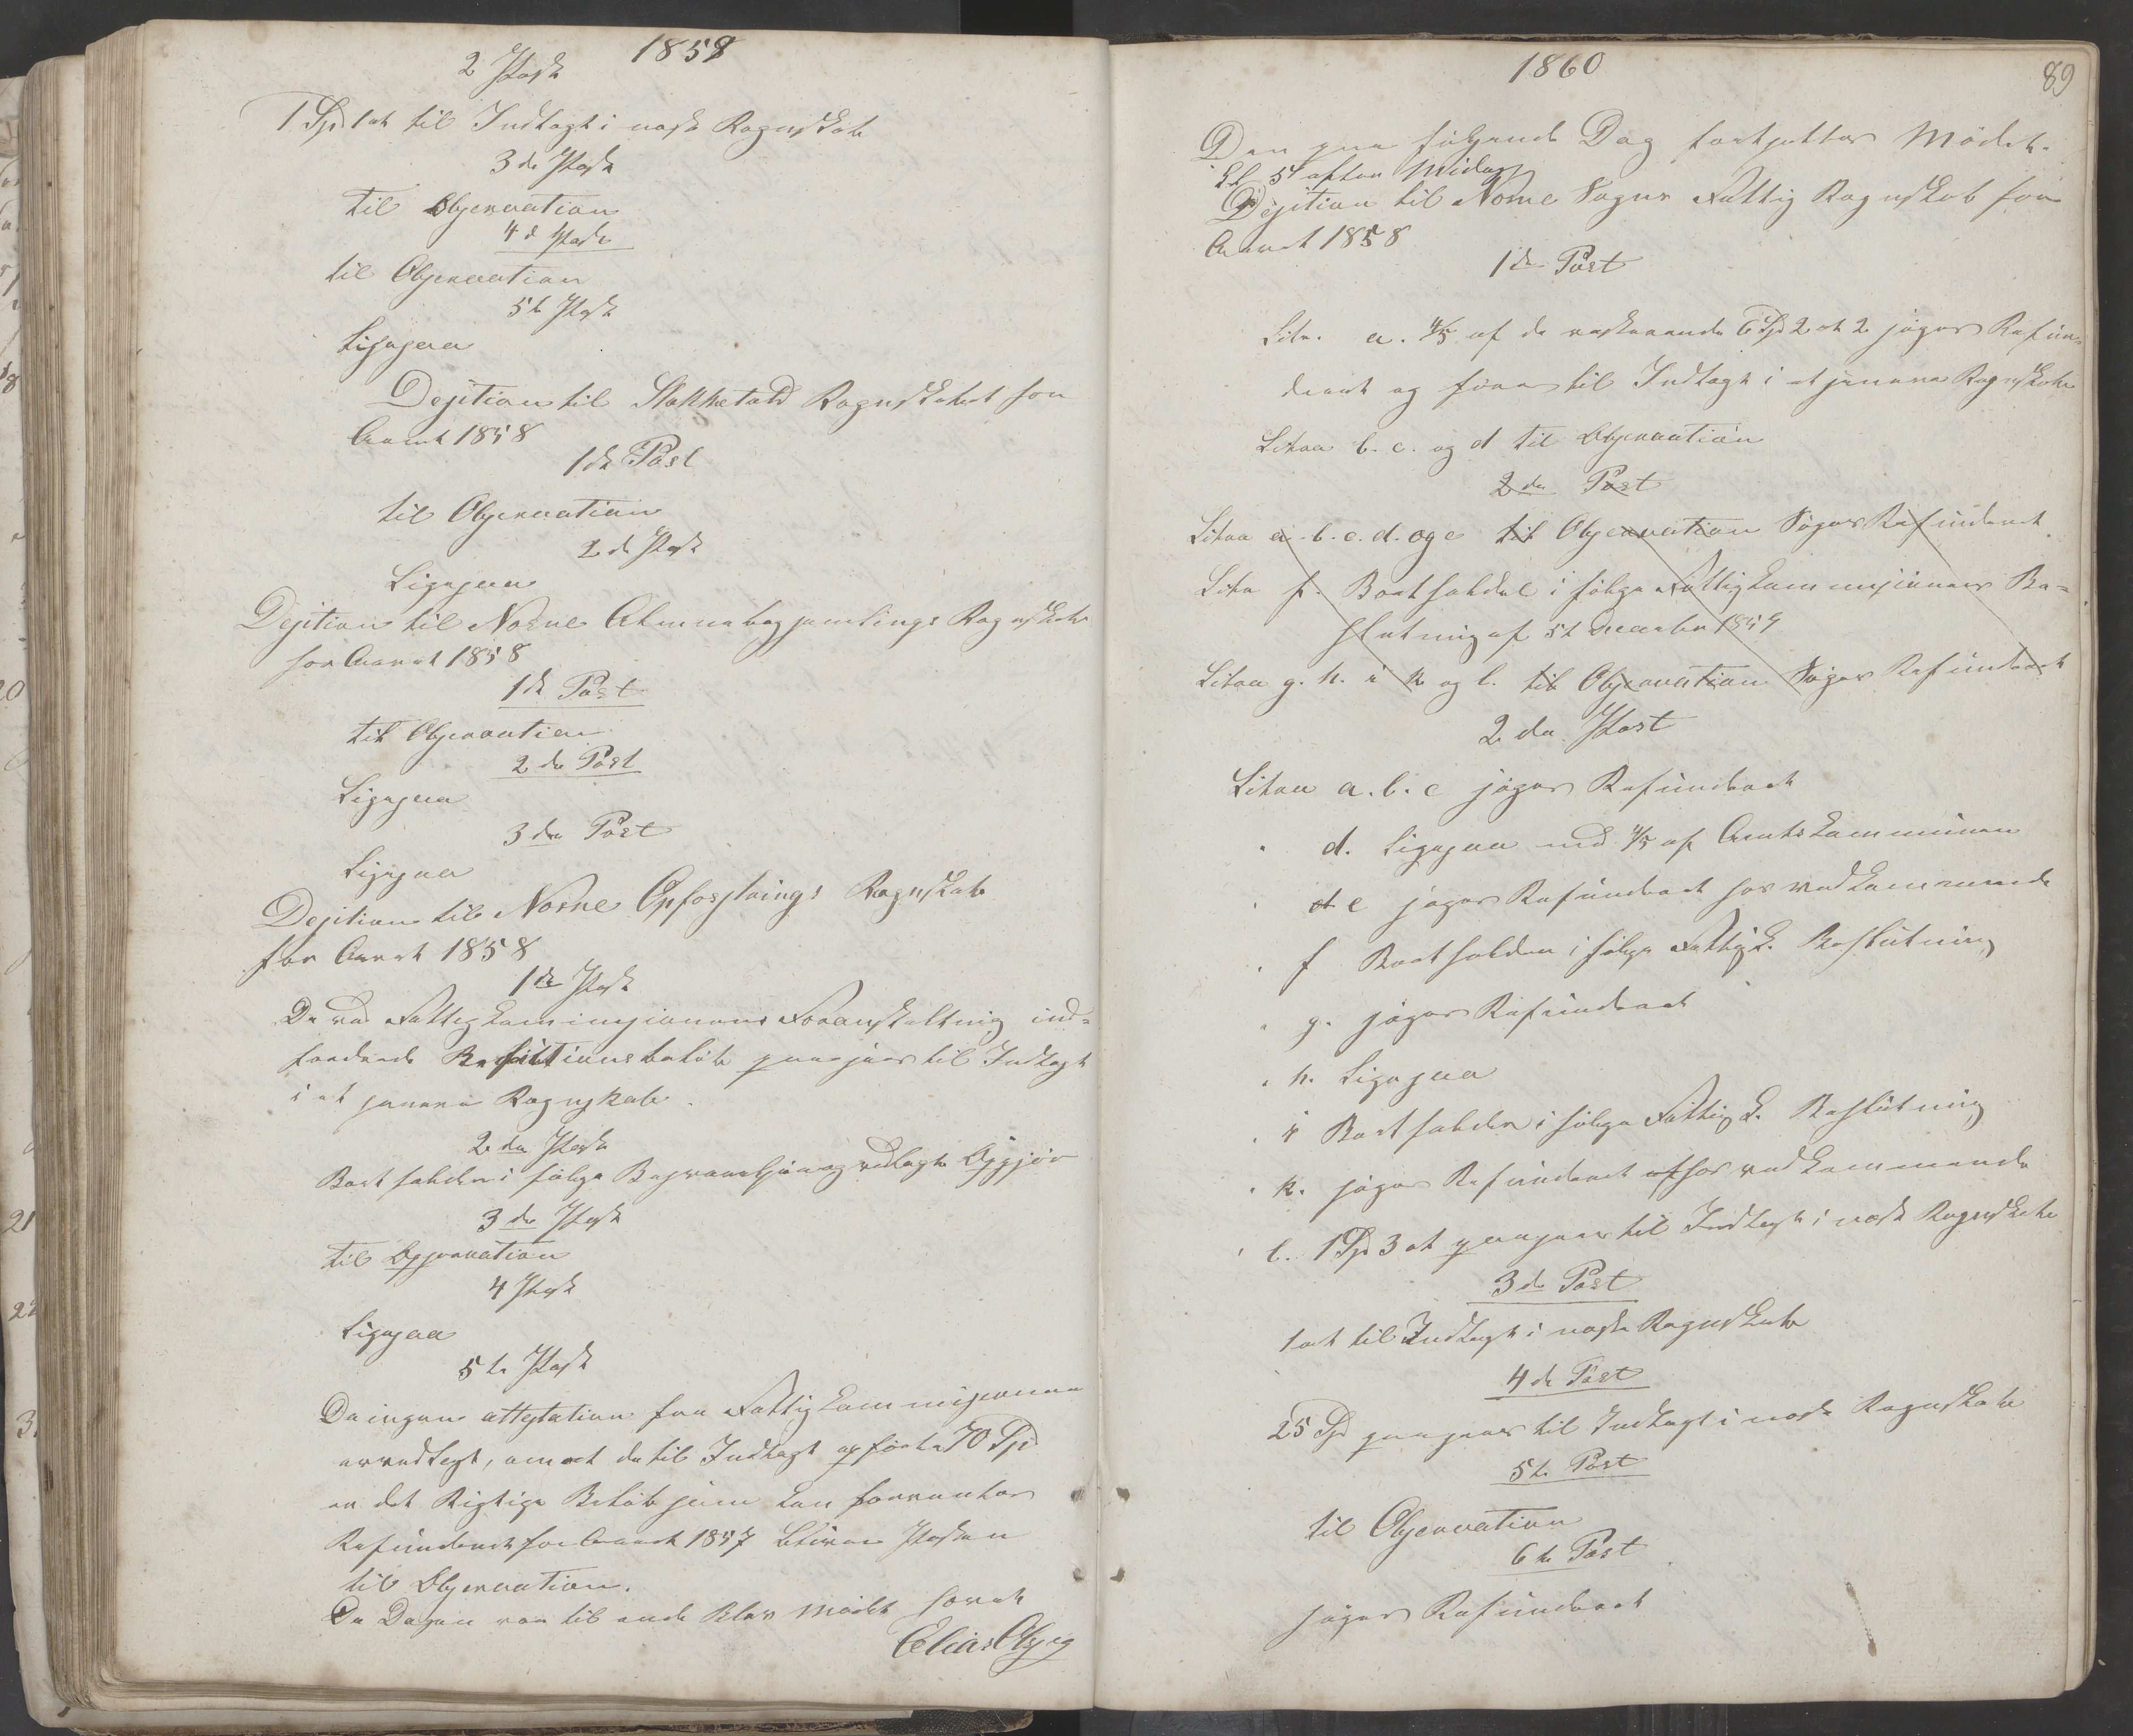 AIN, Nesna kommune. Formannskapet, 100/L0001: Møtebok, 1838-1873, s. 89